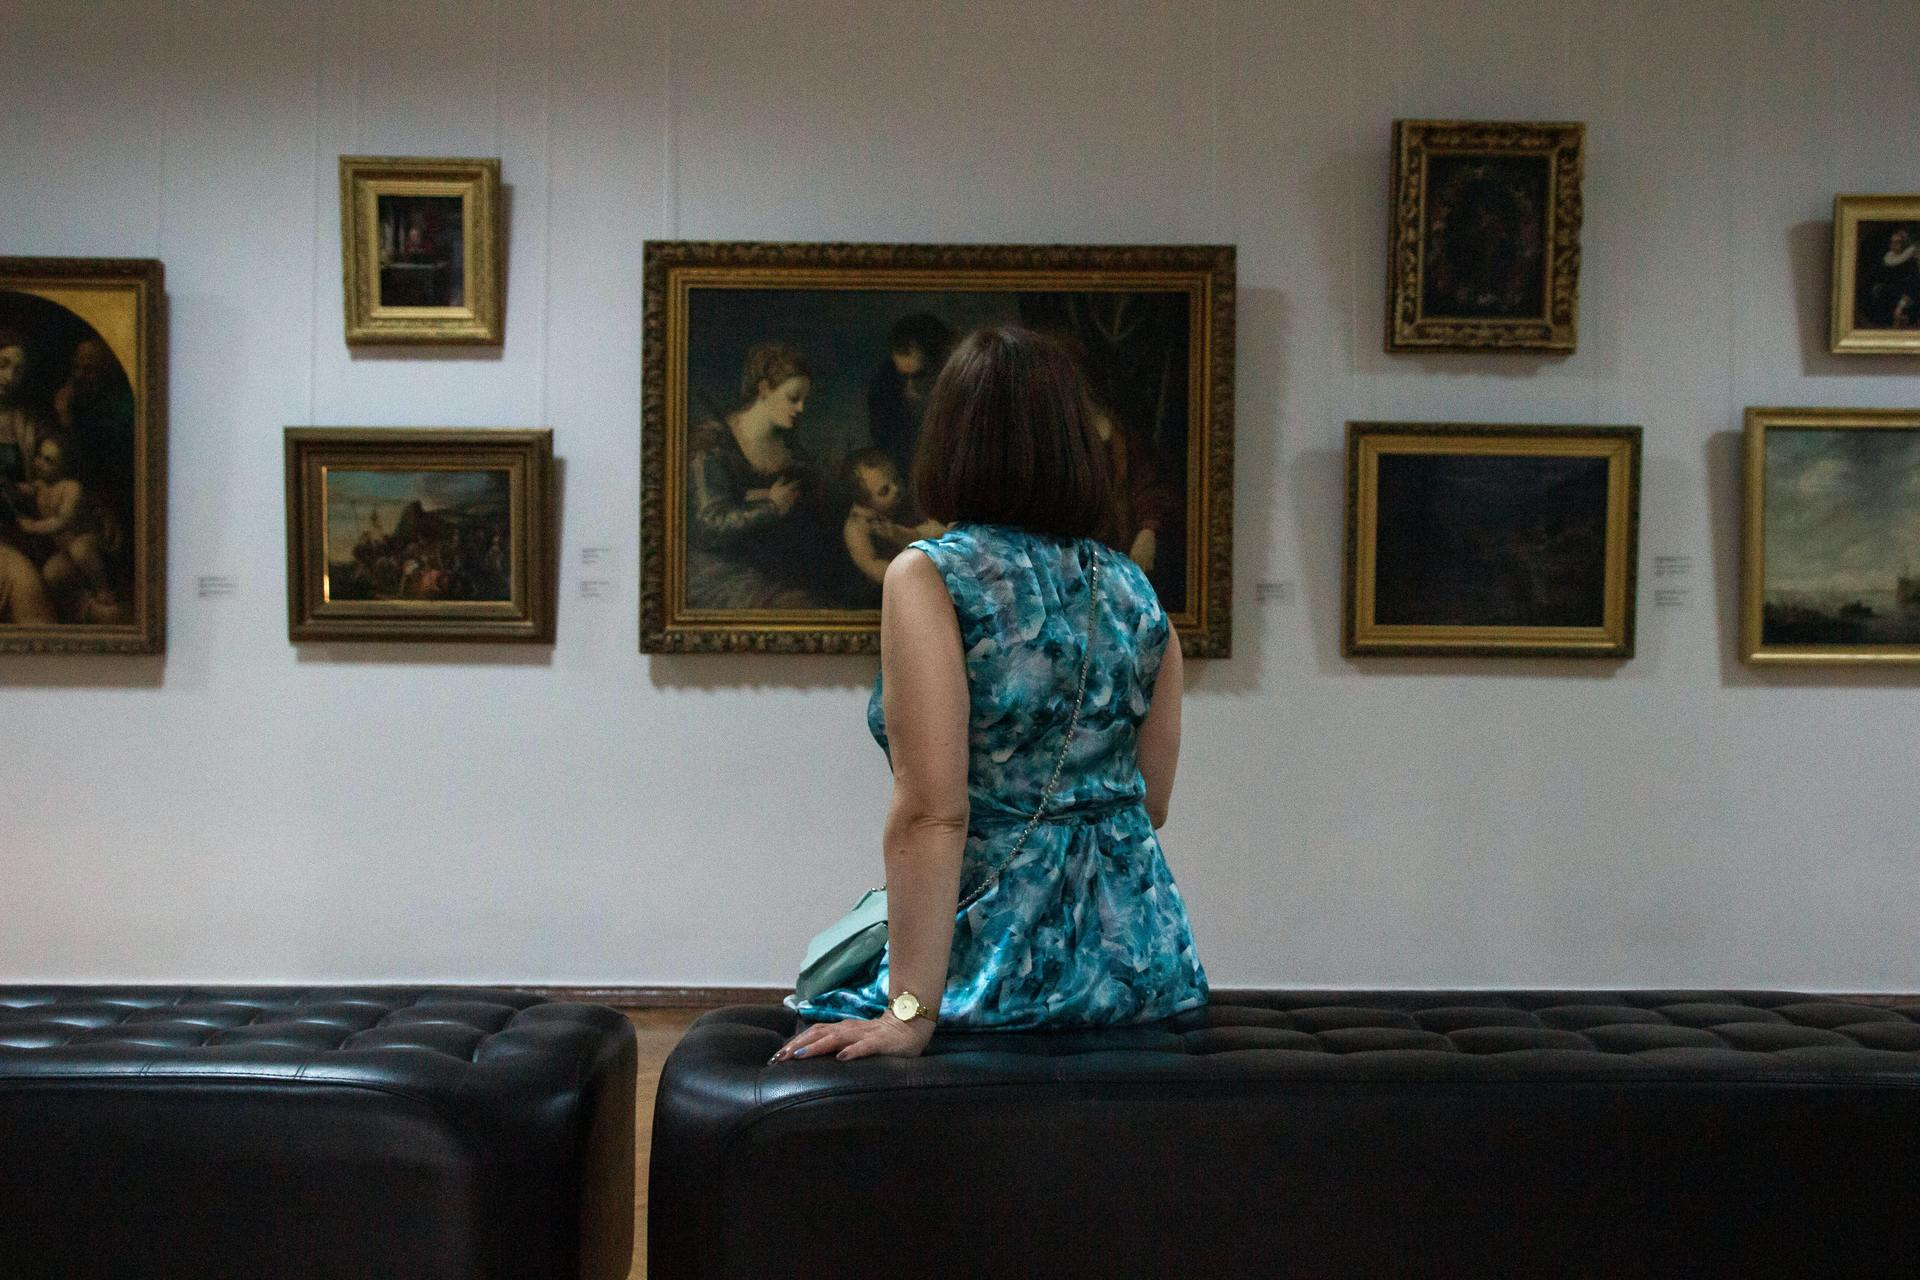 За небольшие пожертвования можно получить бонусы от любимого музея